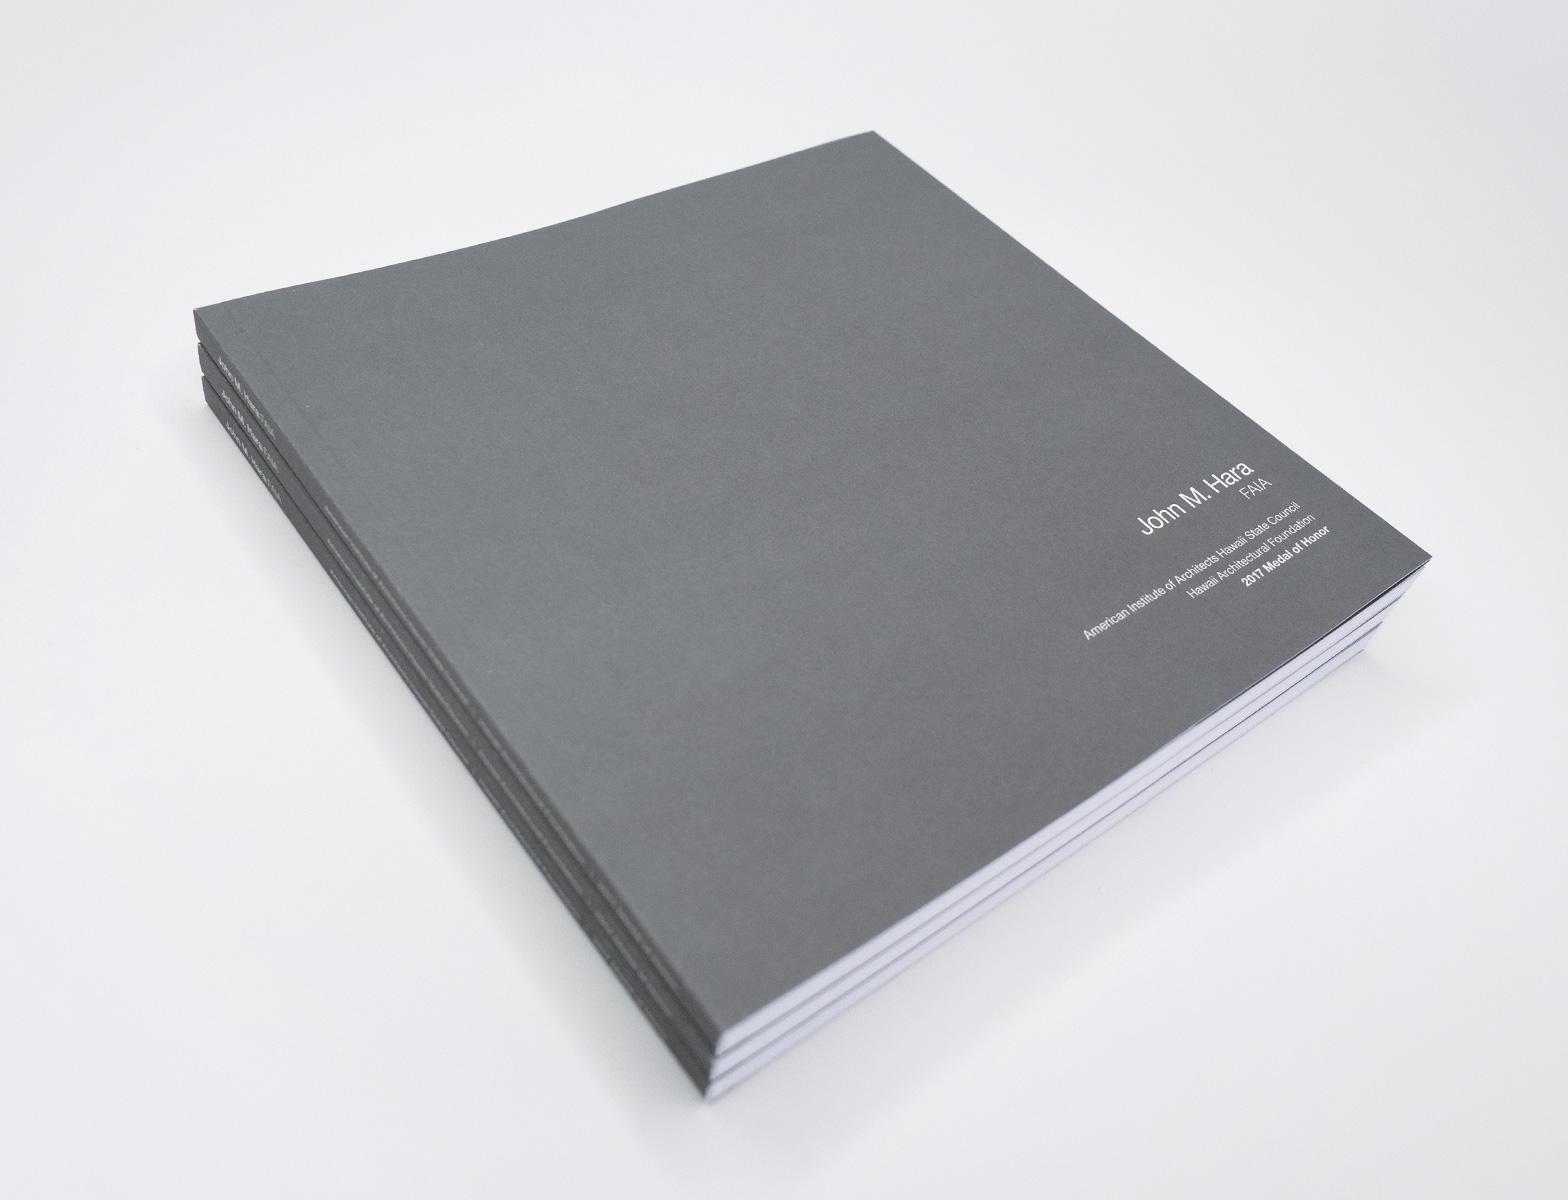 jhara-book-02